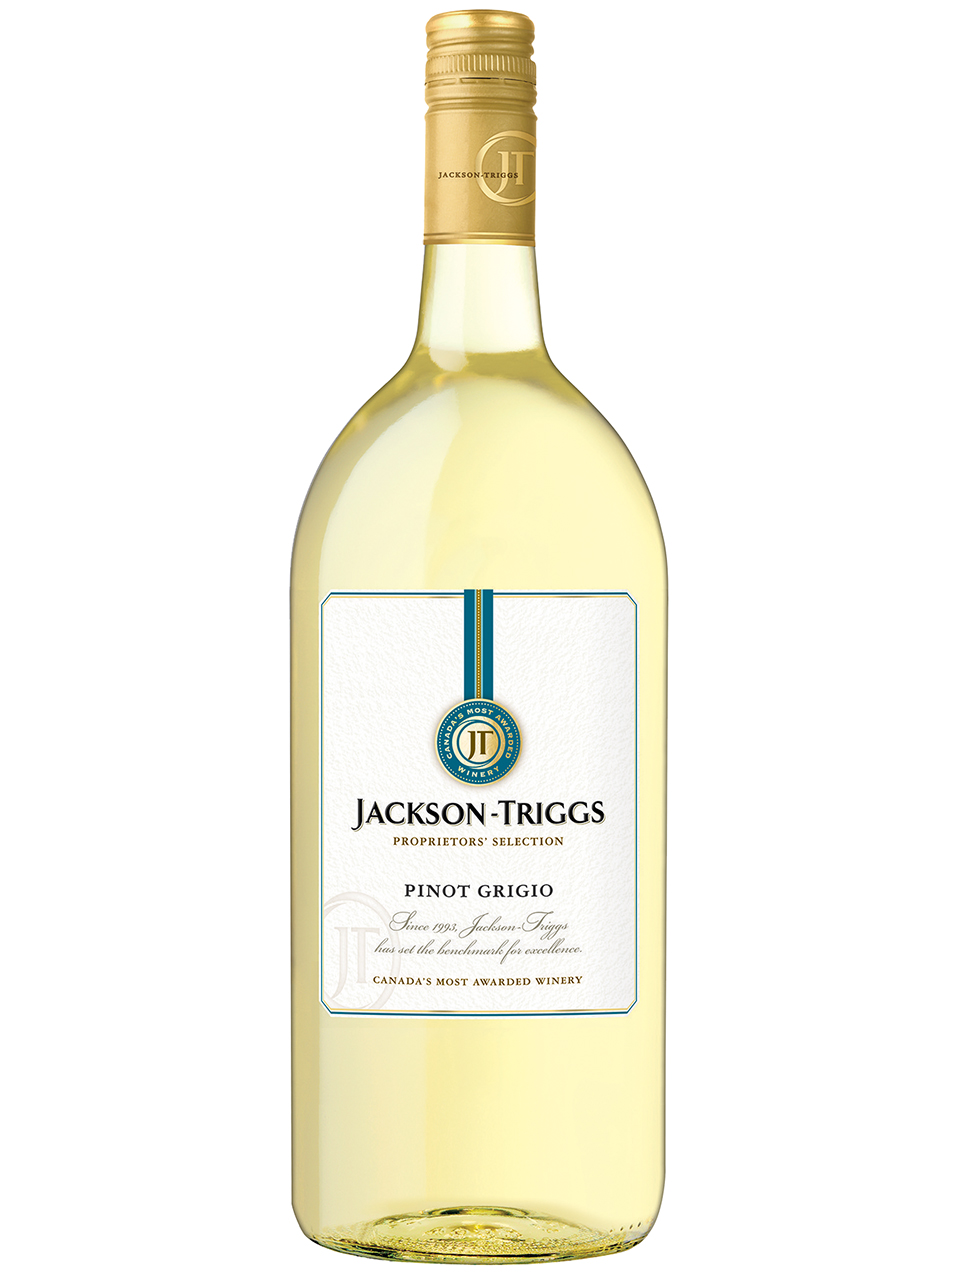 Jackson-Triggs Proprietors' Selection Pinot Grigio